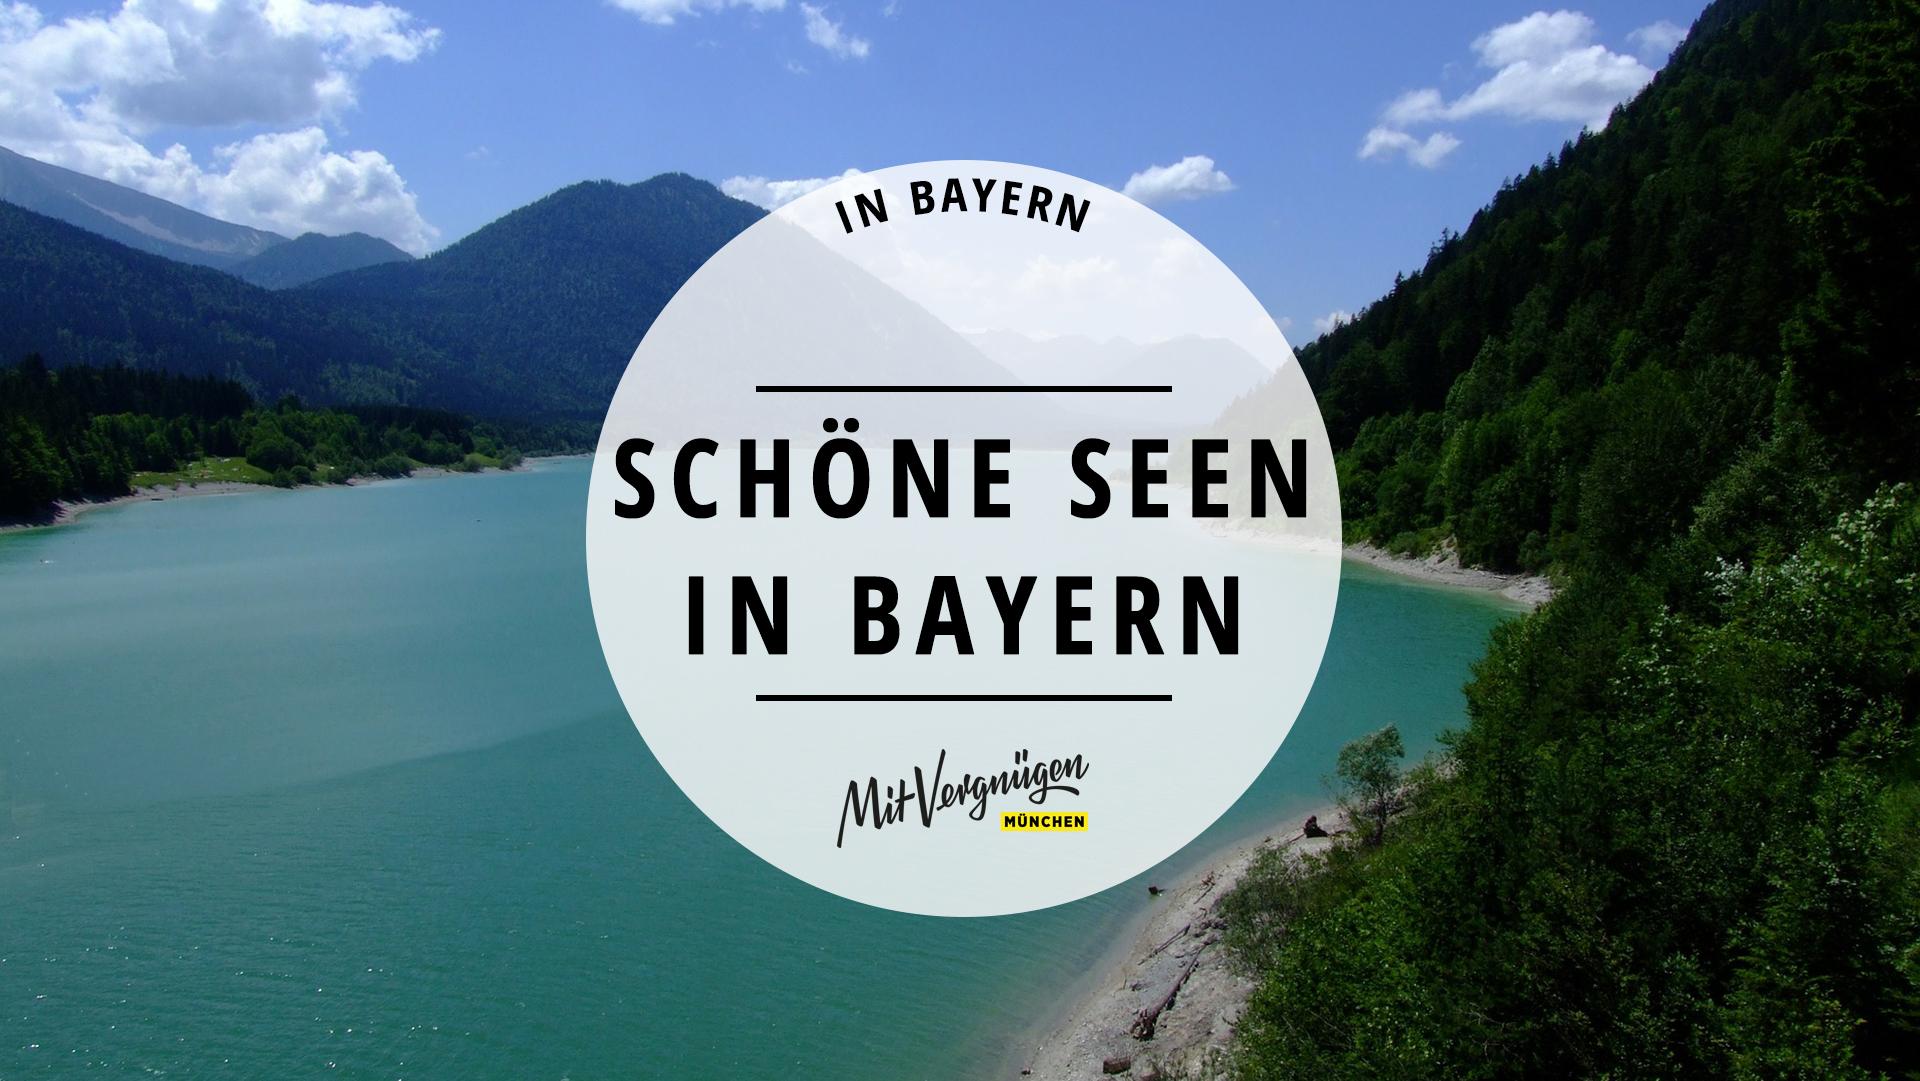 11 Wunderschone Seen In Bayern Mit Vergnugen Munchen Mit